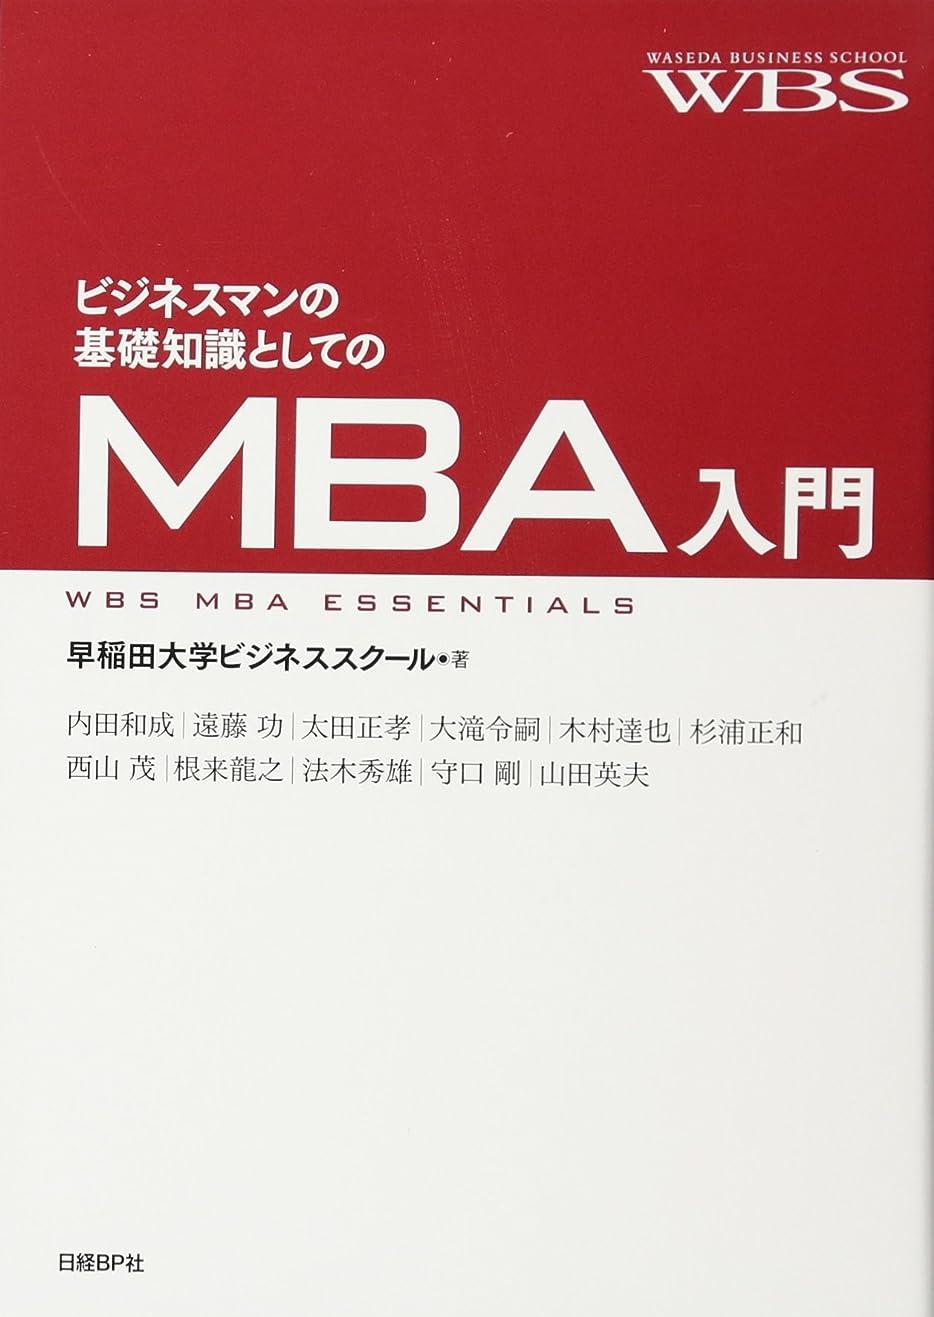 リサイクルする肝磁石ビジネスマンの基礎知識としてのMBA入門